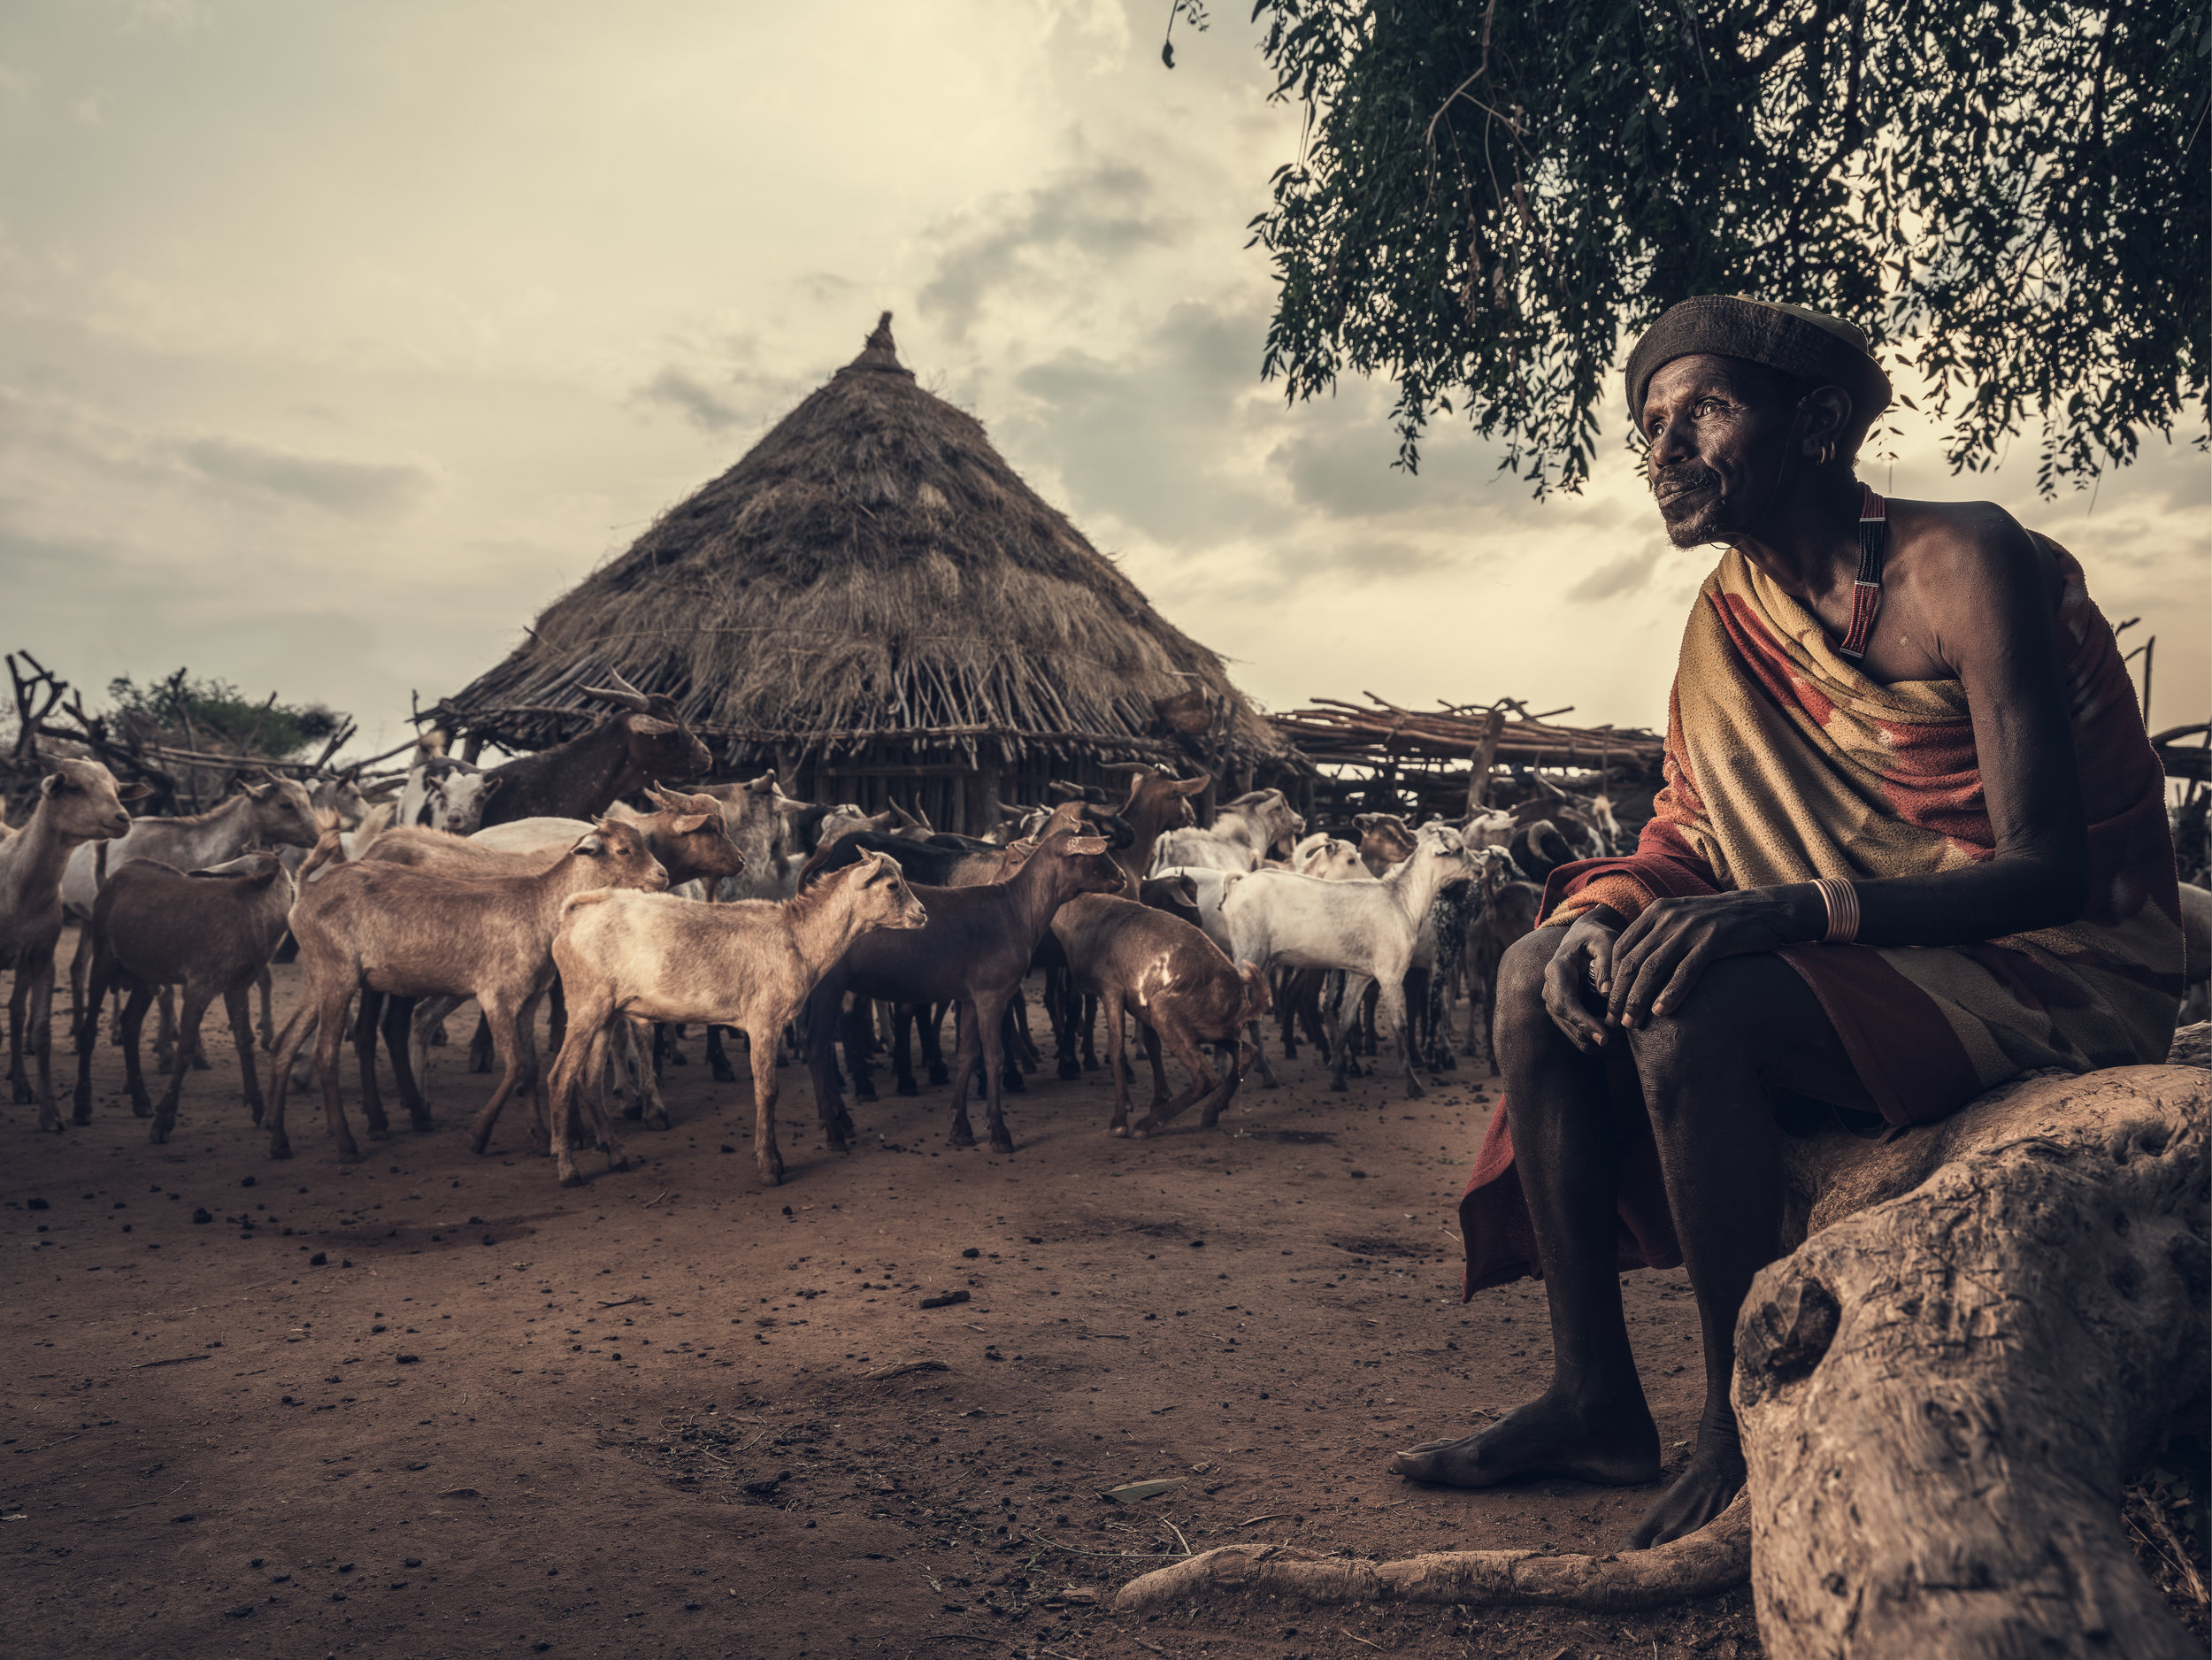 20181104_Ethiopia_4098-Edit.jpg